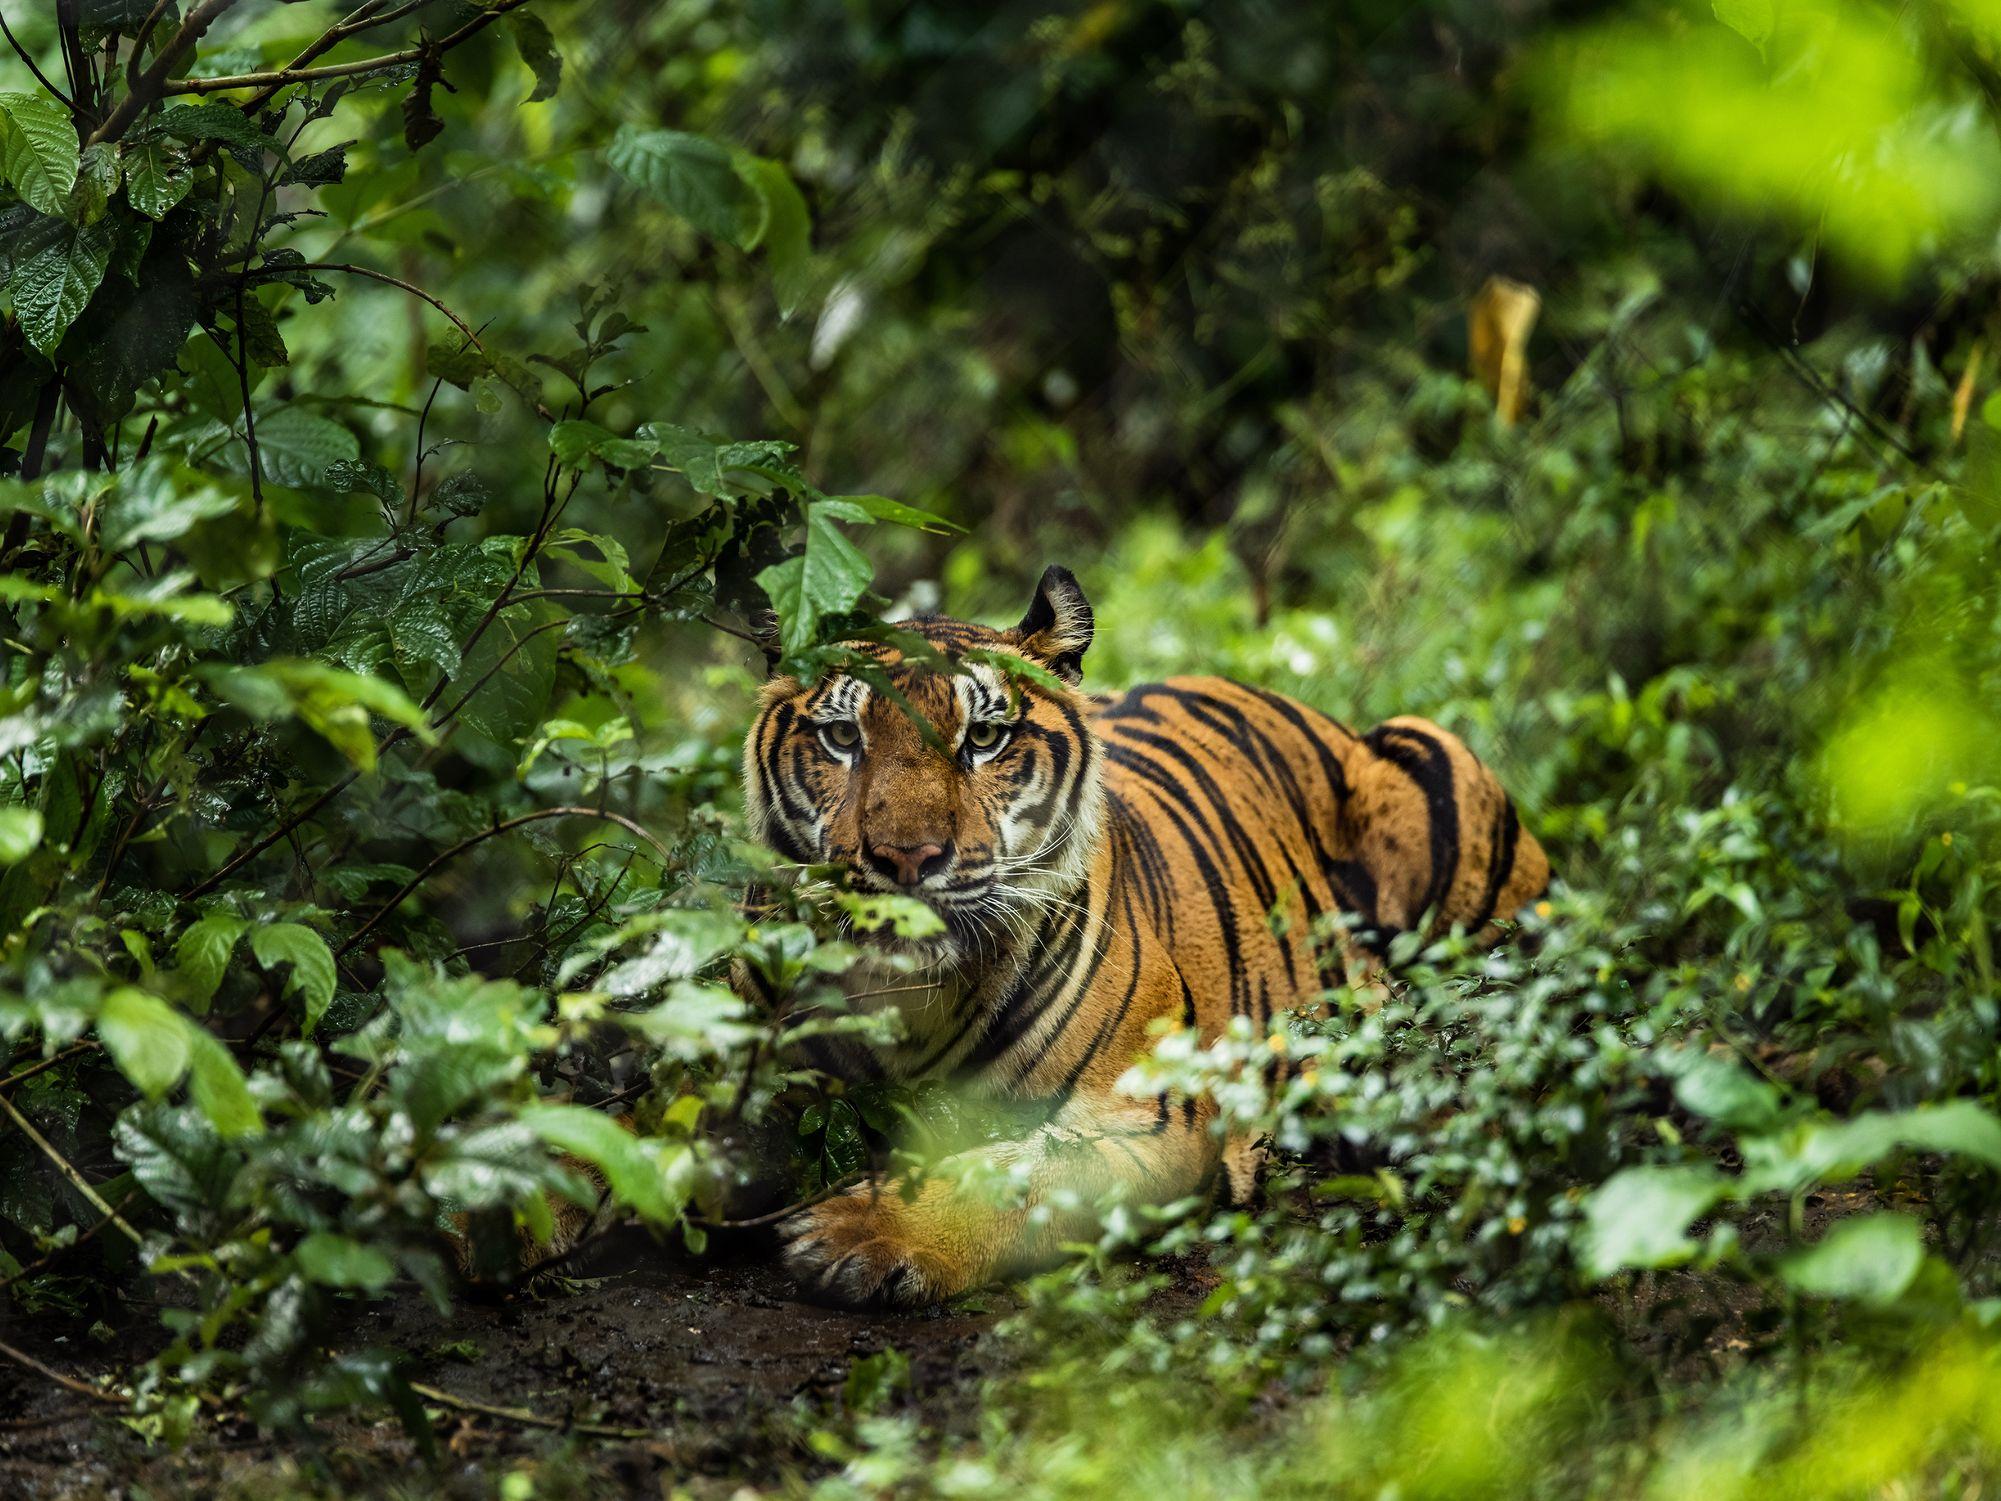 V ČR se budou zkoumat vzorky DNA tygrů z celého světa. Úspěšnou dohodu prosadila česká delegace na konferenci CITES v Ženevě